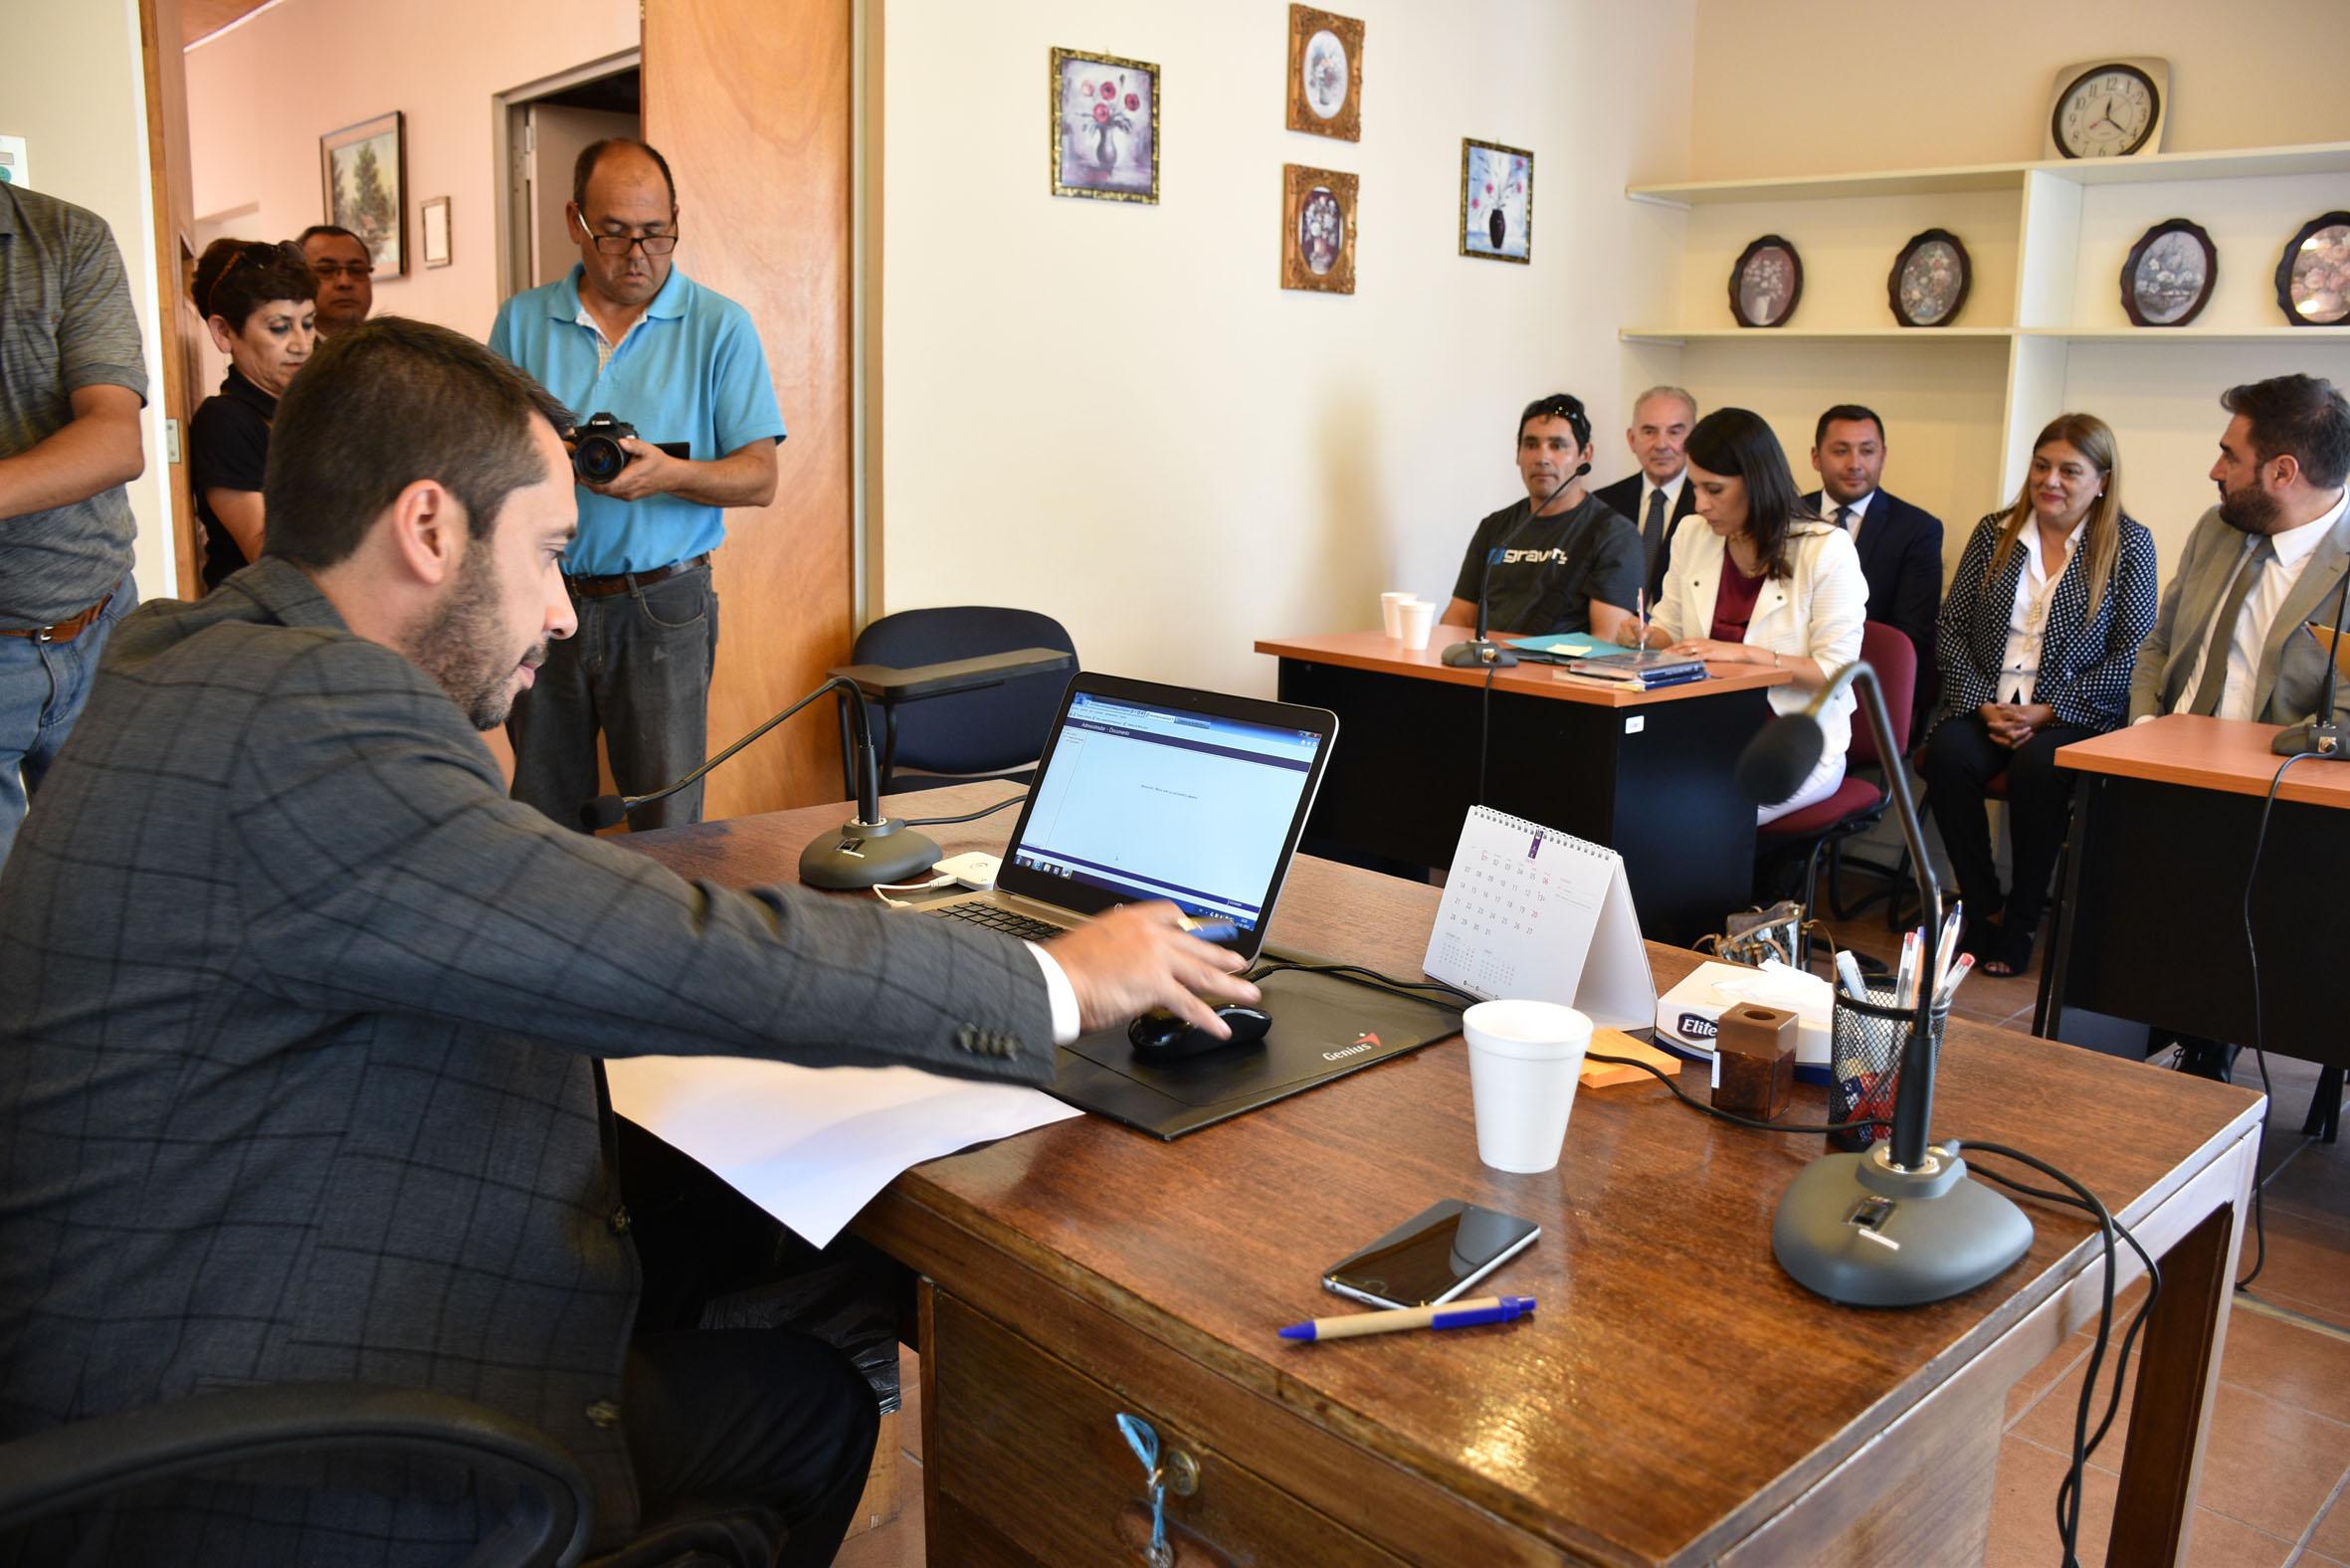 """Presidente Sandoval en inauguración de tribunal itinerante: """"Puede ser el inicio de un juzgado con competencias plenas para Alto del Carmen"""""""